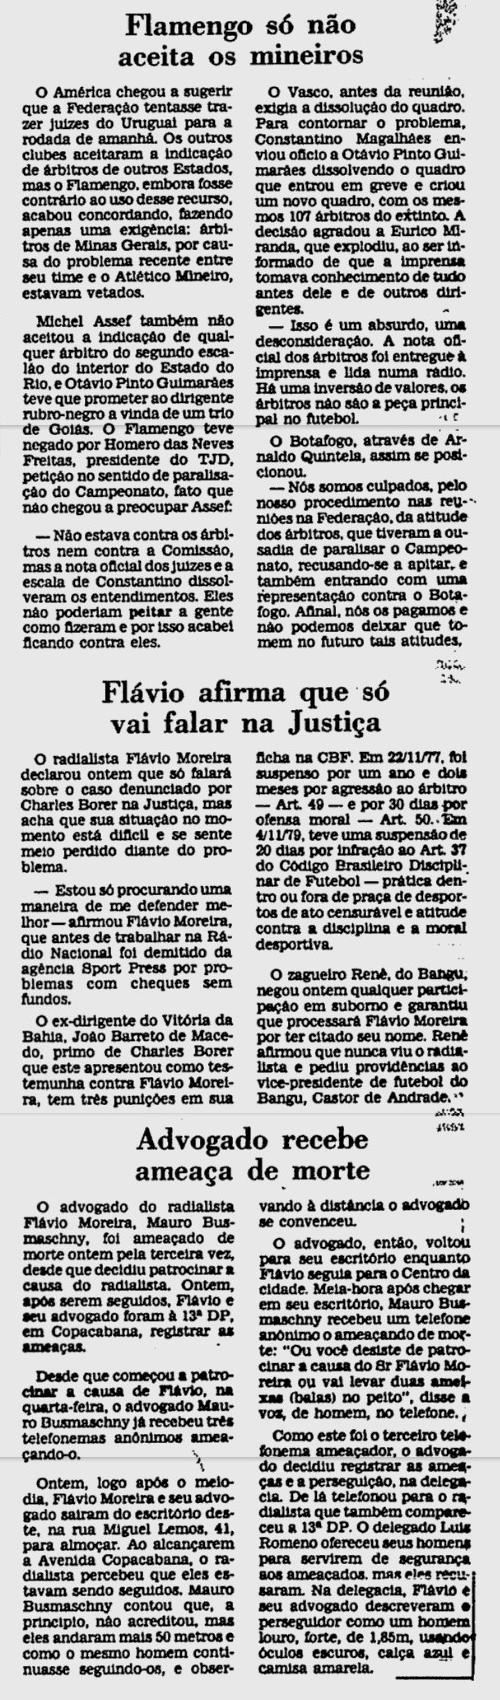 borer-24-10-1981-4